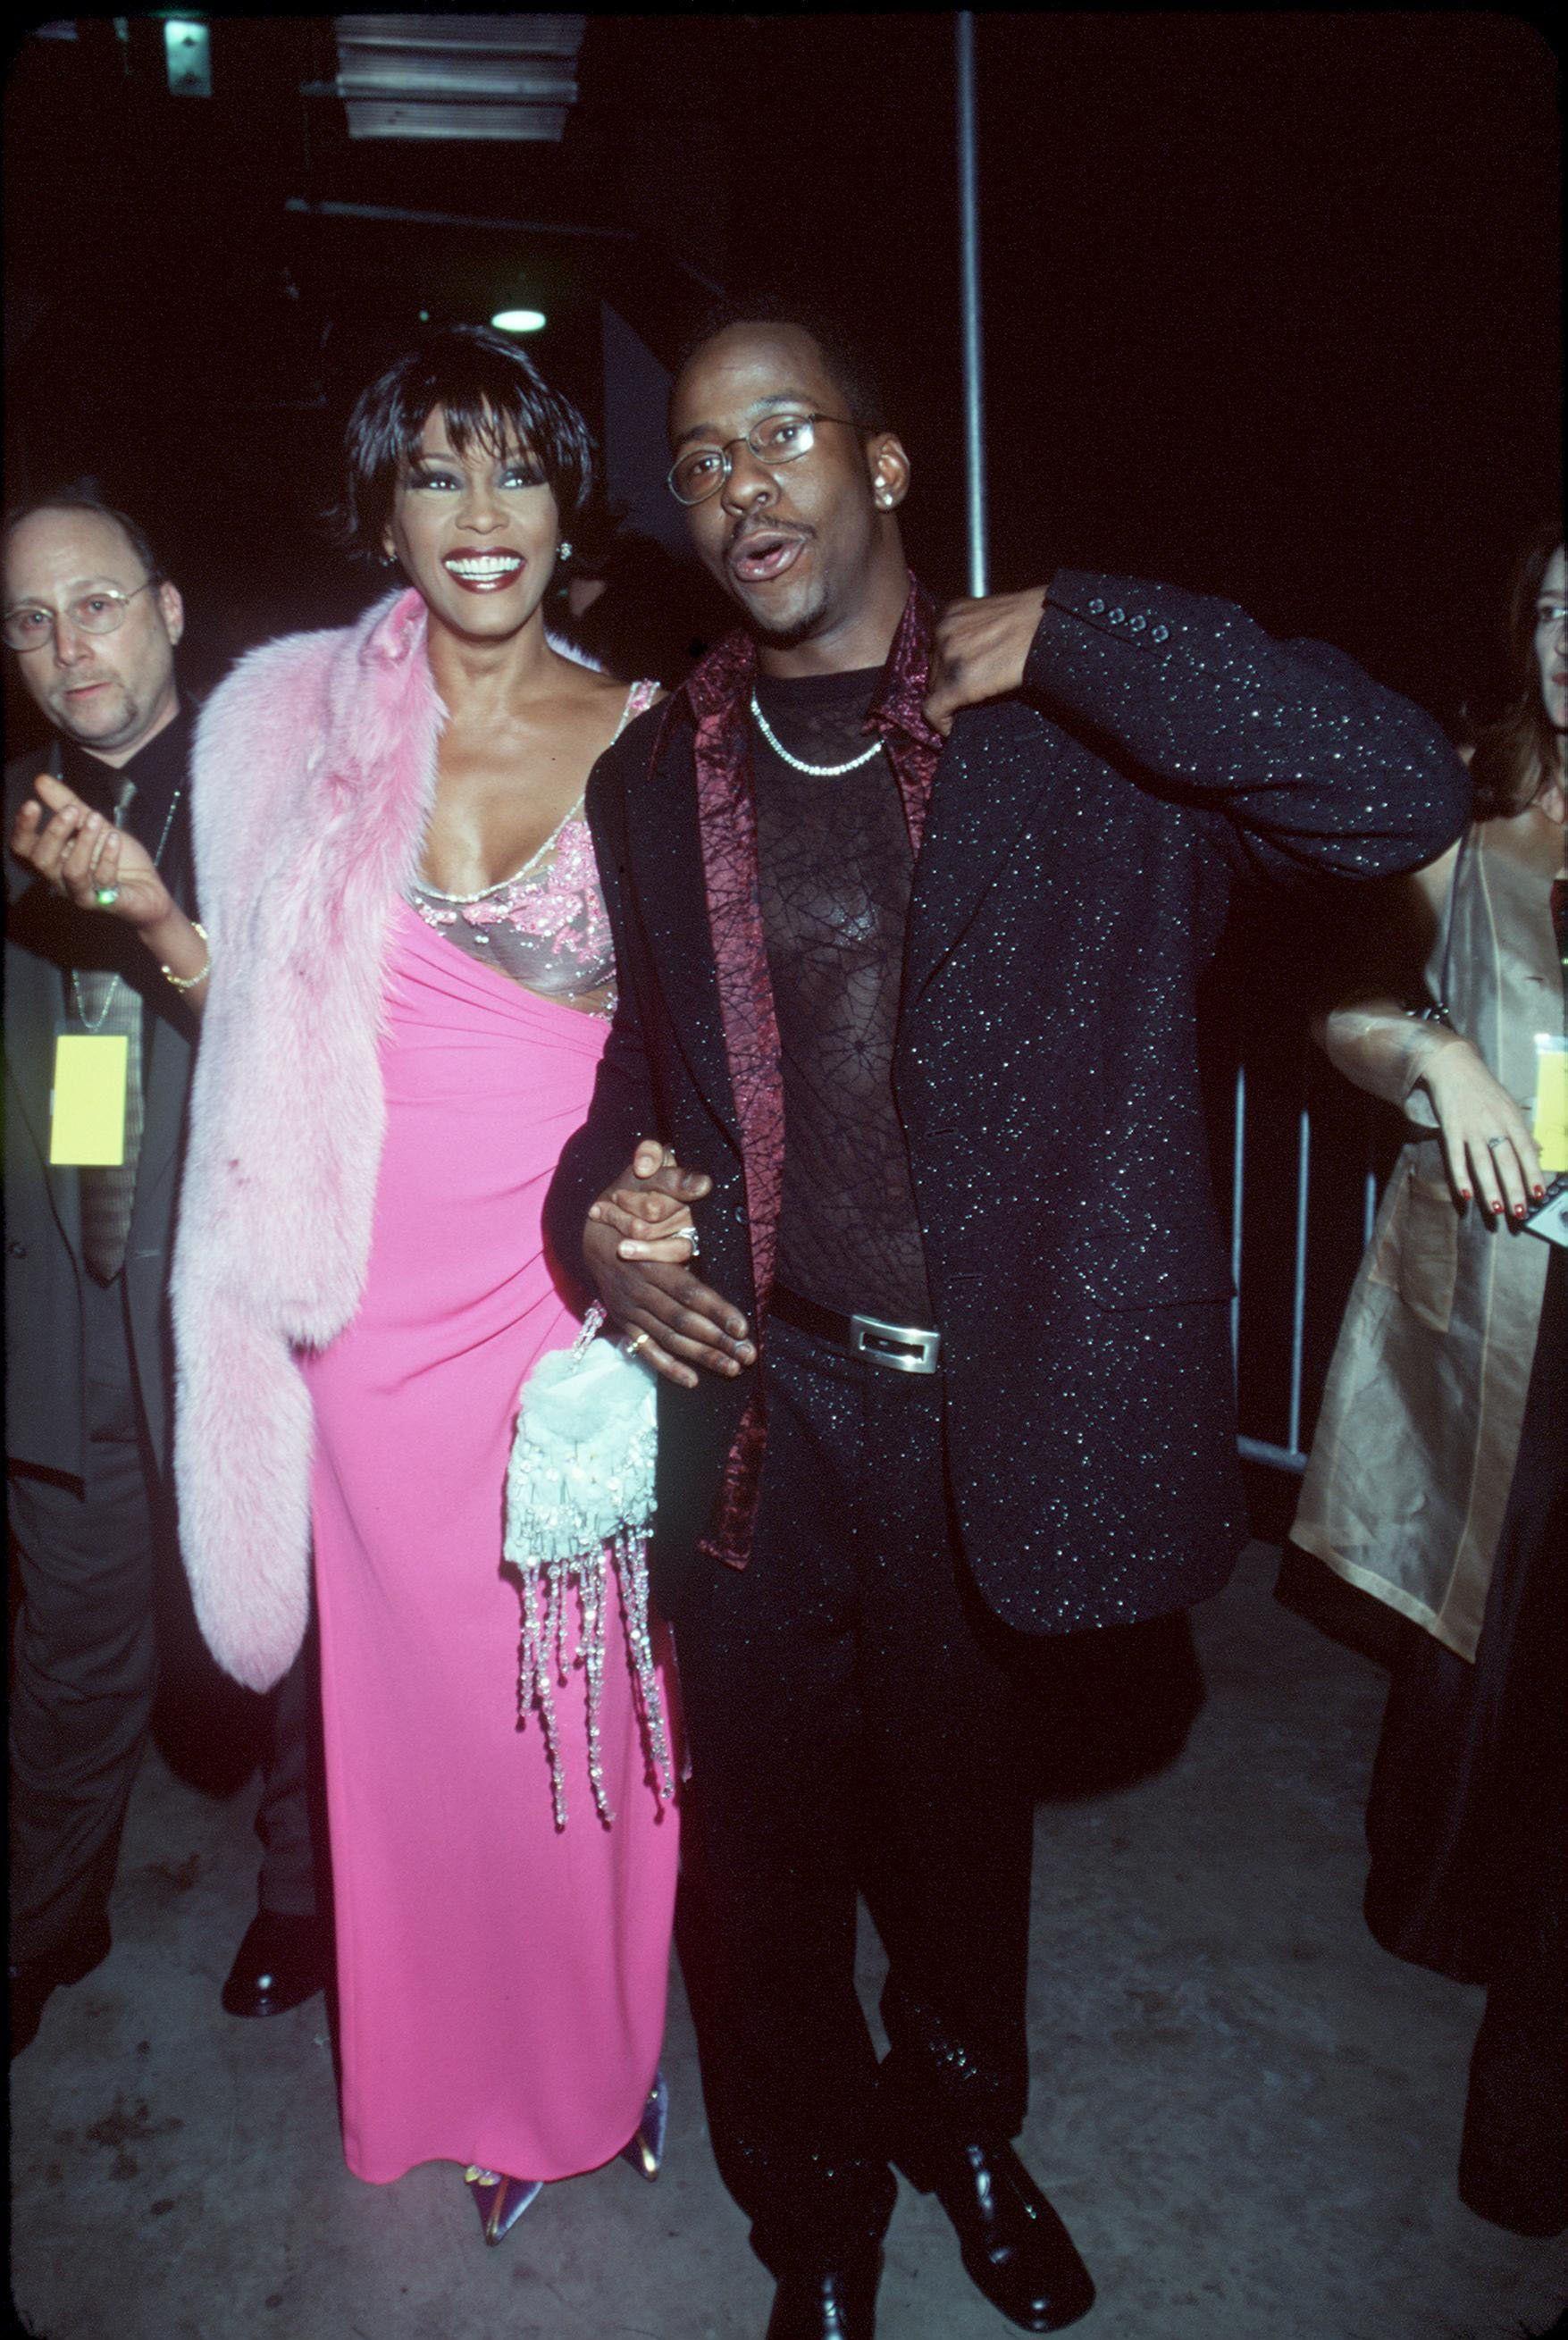 El ex de Whitney Houston reveló que ella le fue infiel y lo hacía consumir cocaína en su autobiografía